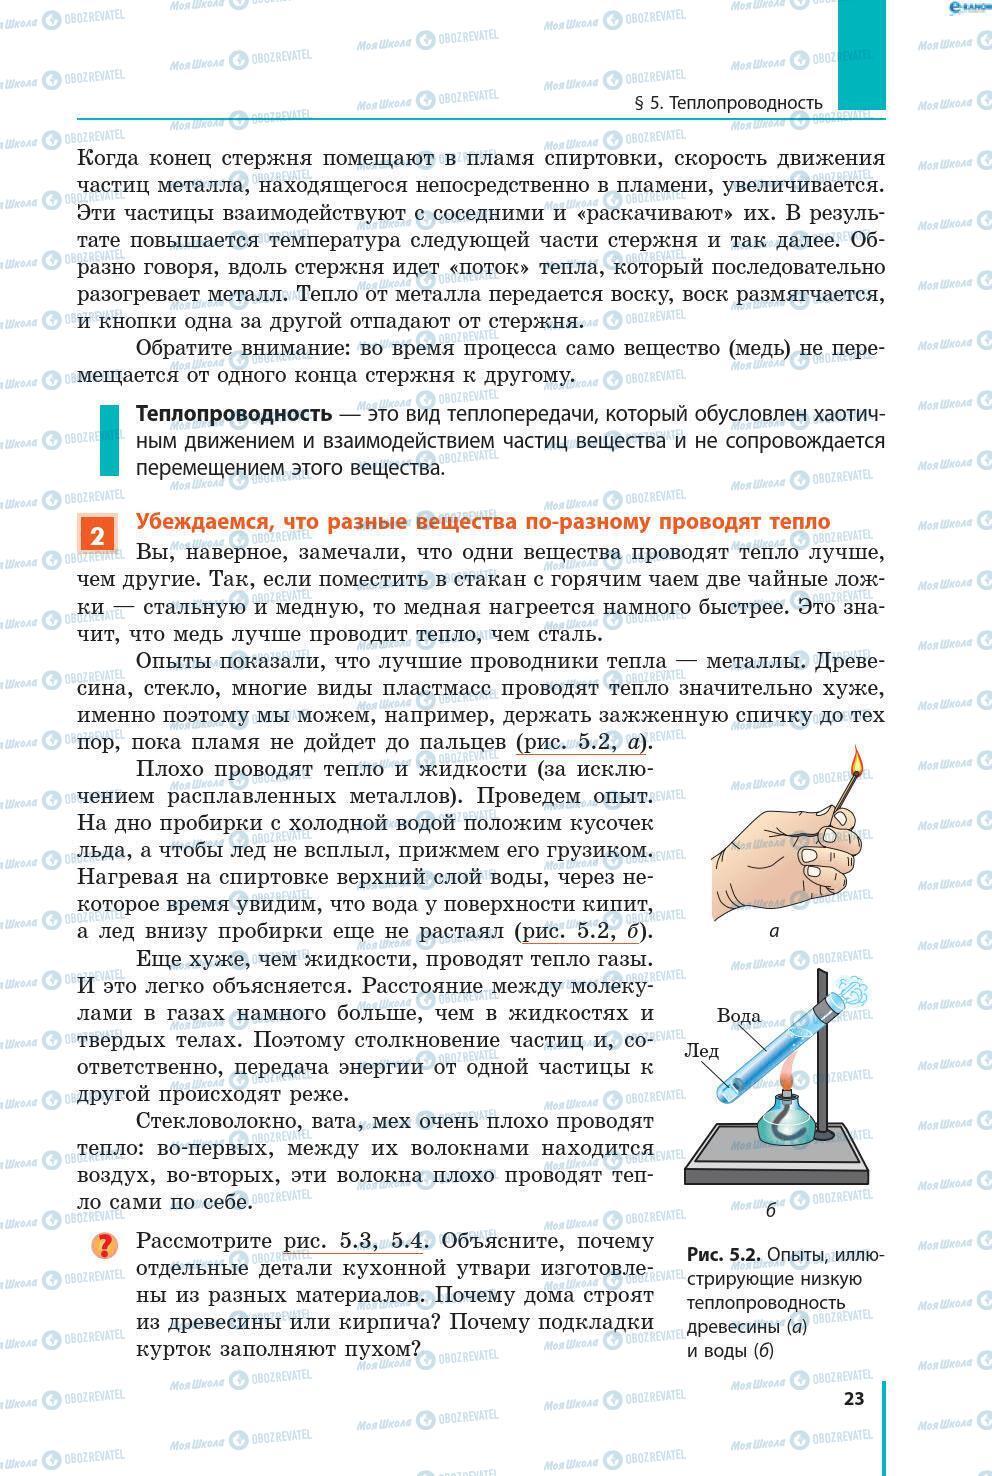 Підручники Фізика 8 клас сторінка 23